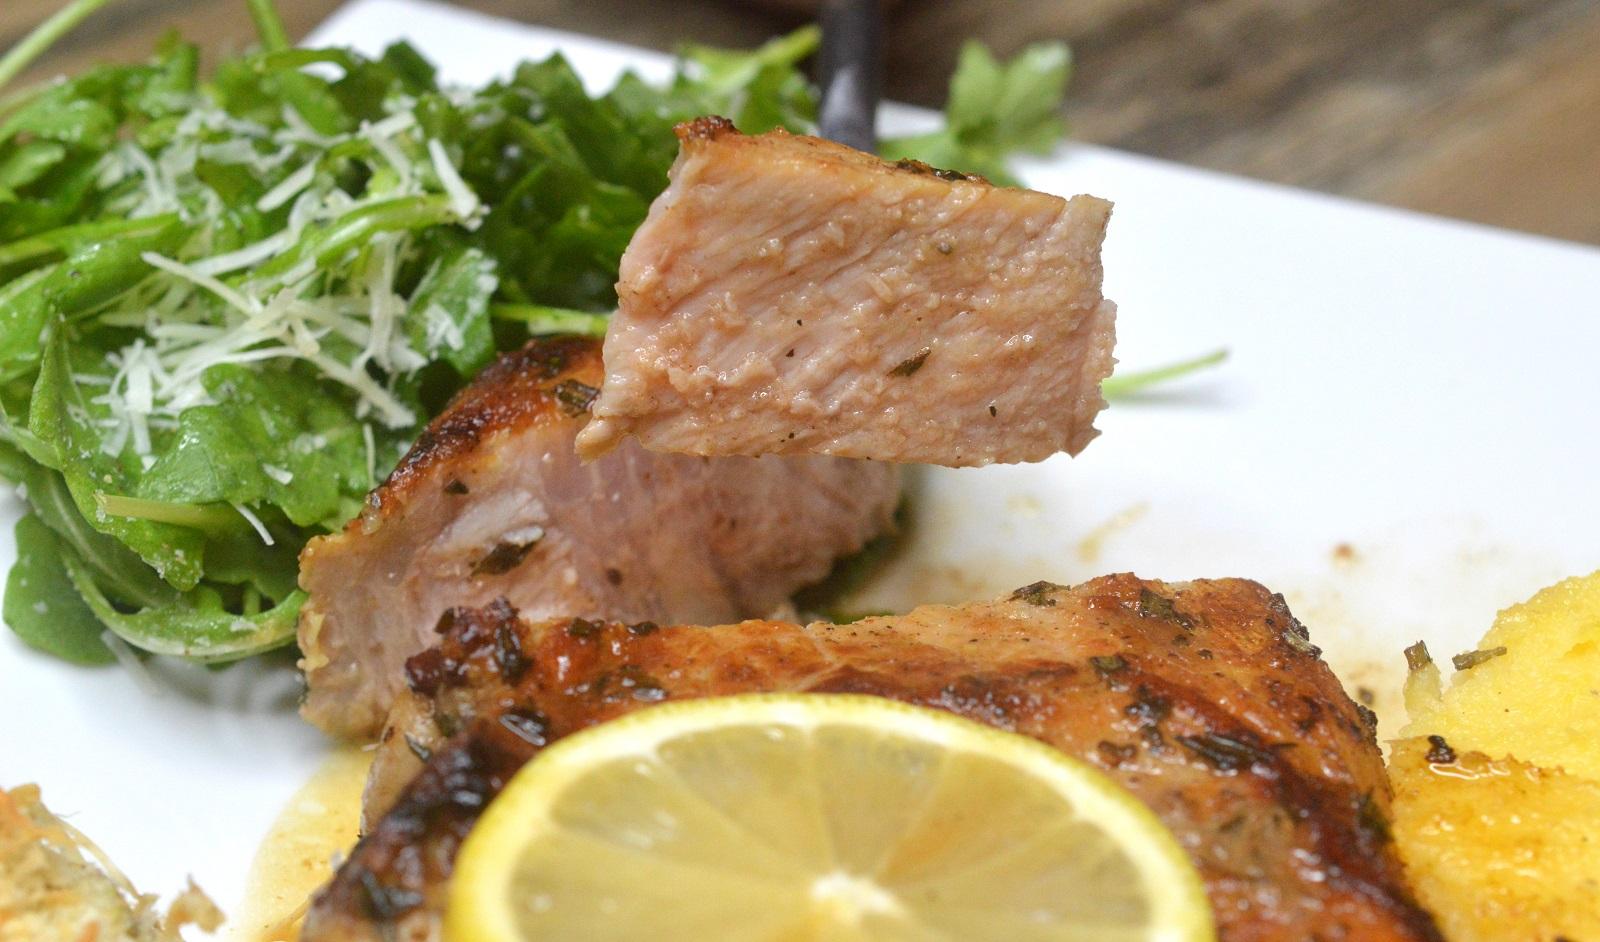 sliced veal chop